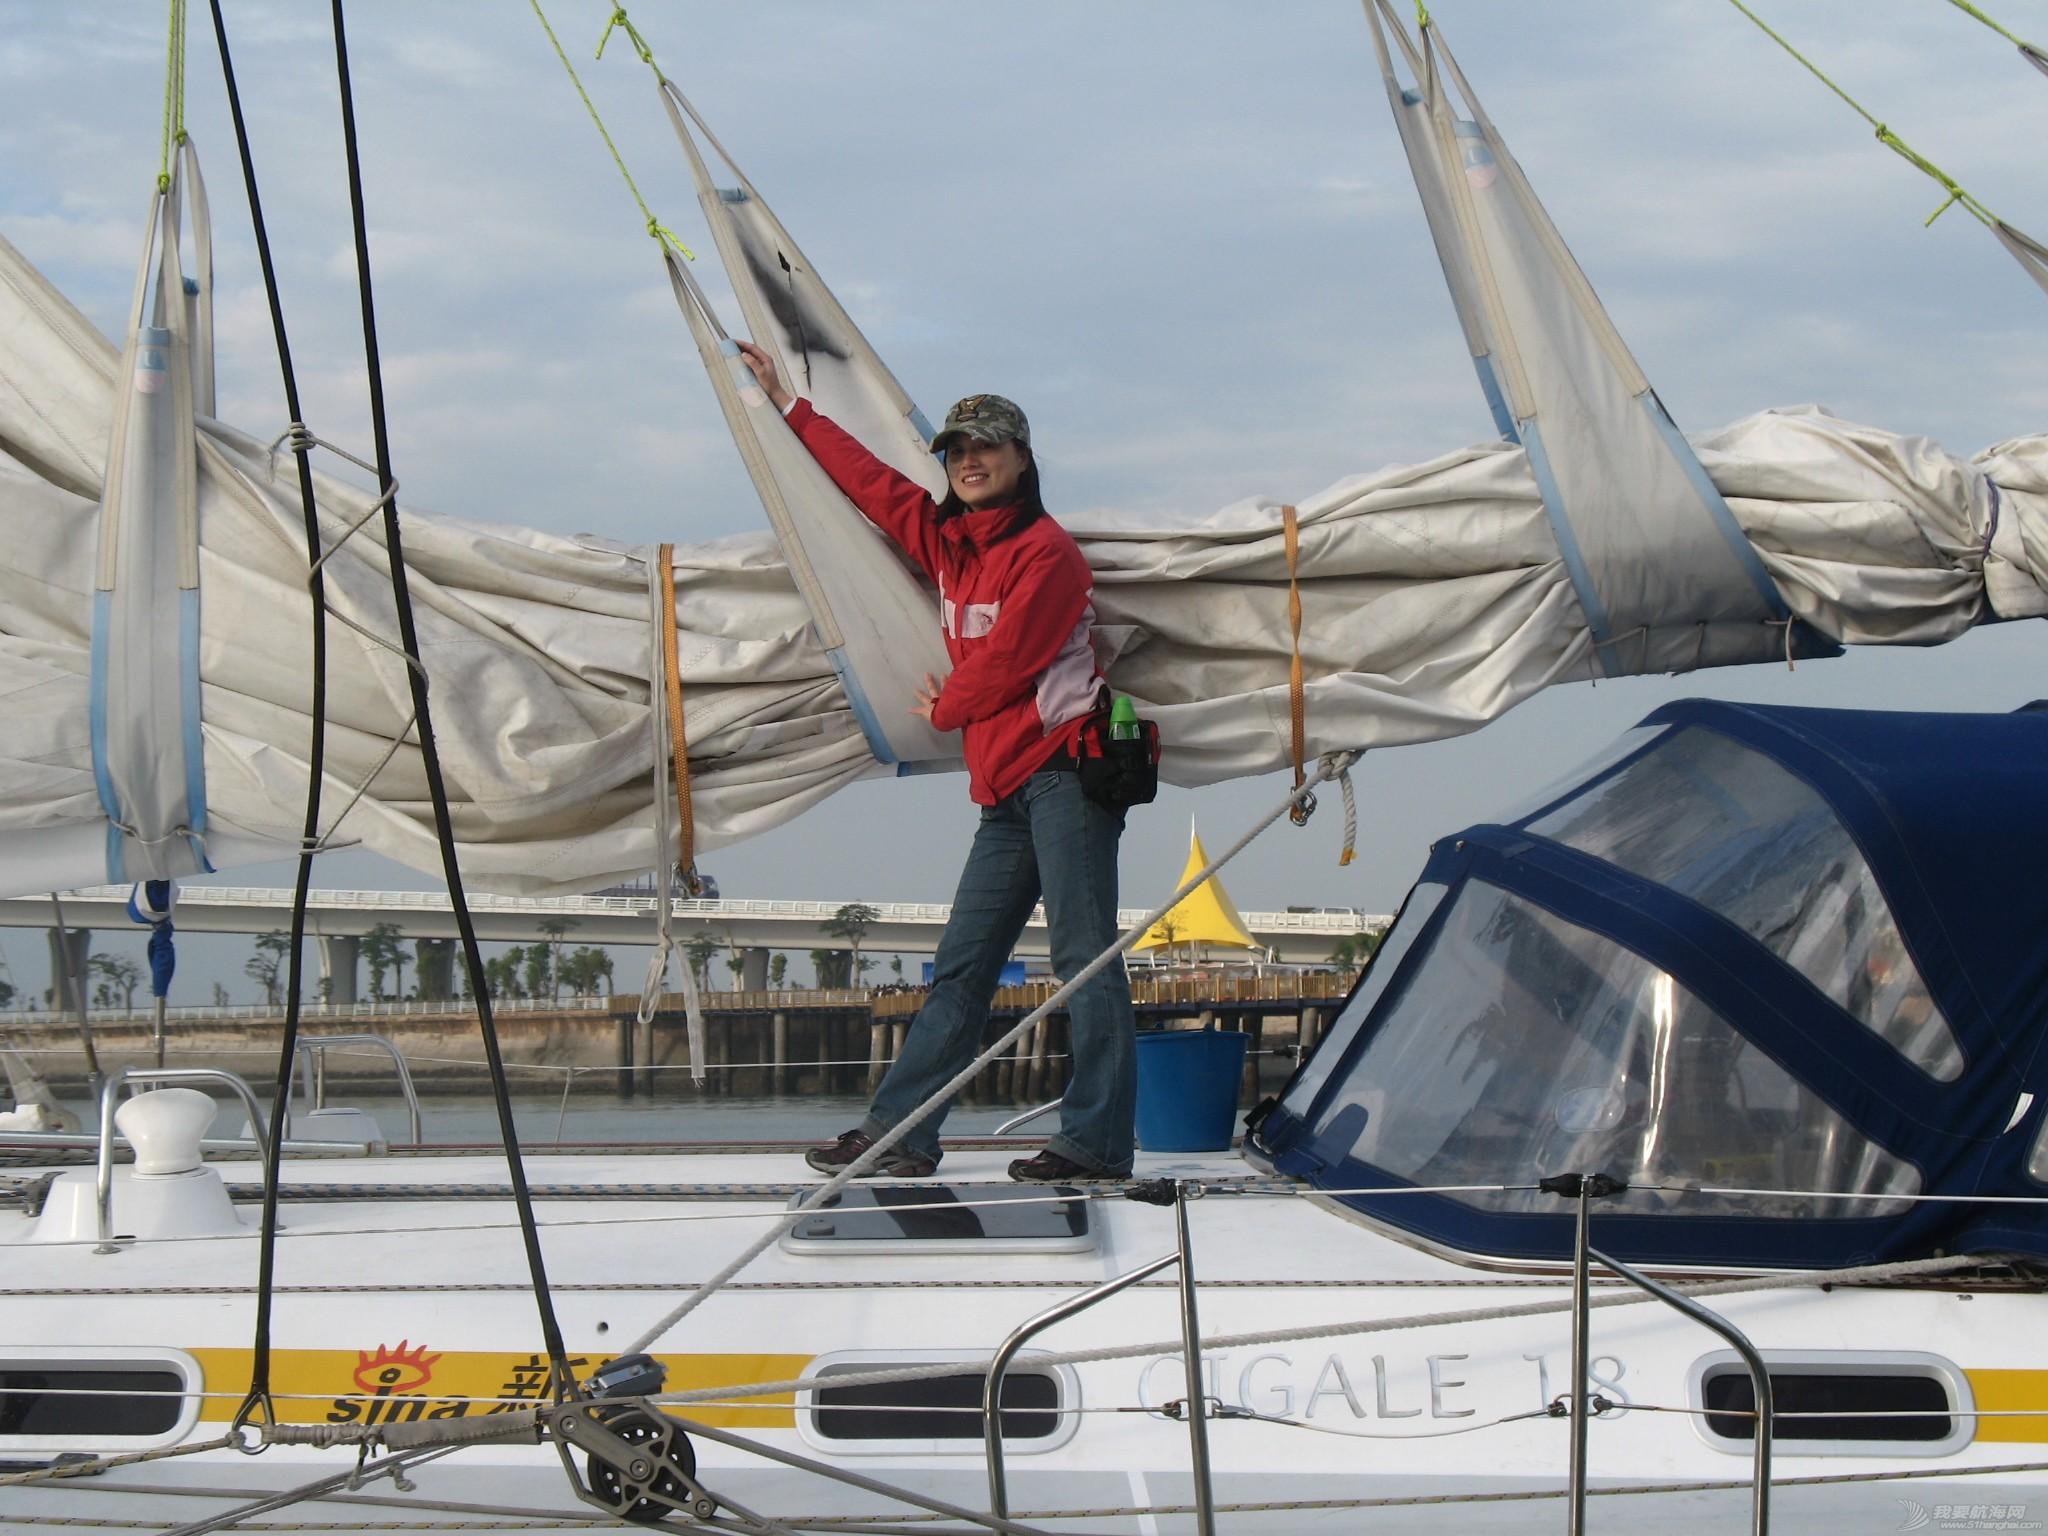 中国,帆船 竞自由帆船队首秀第九届中国杯帆船赛 IMG_0739.JPG